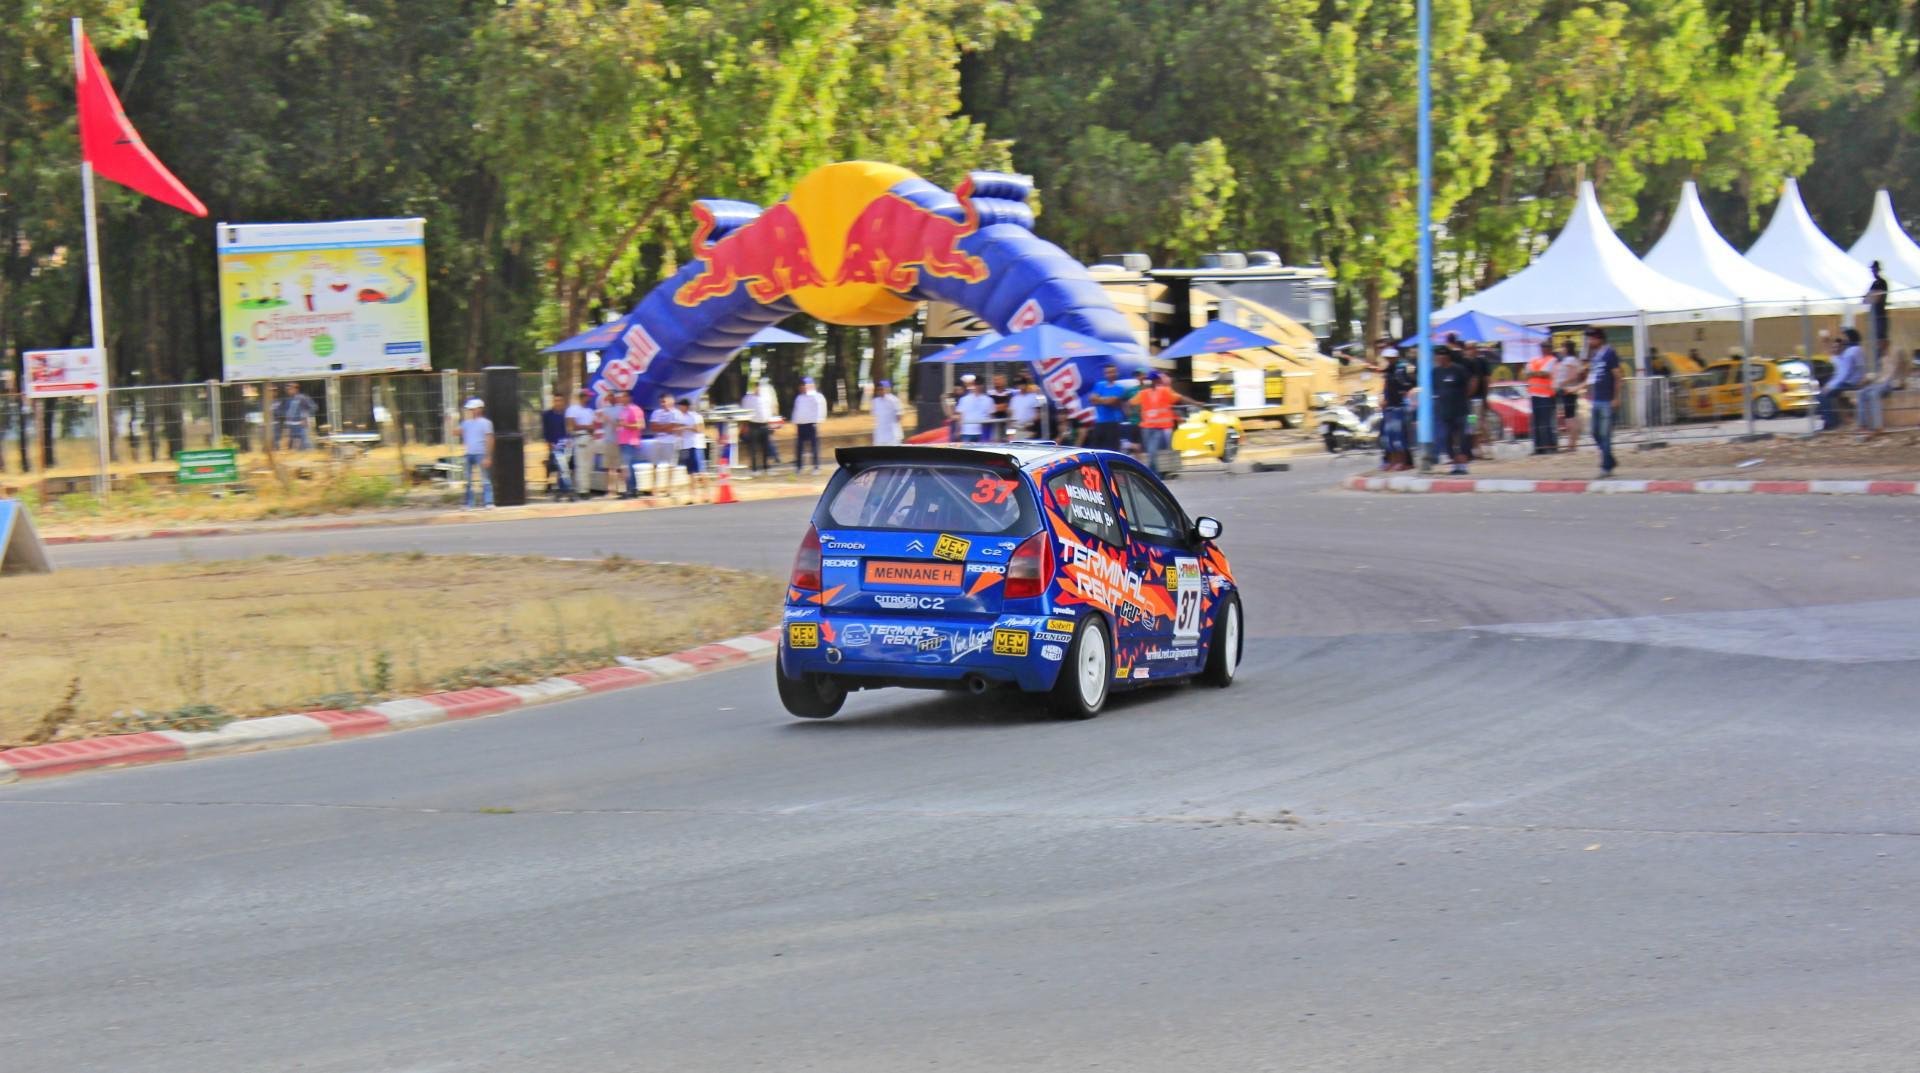 2eme-manche-du-championnat-du-maroc-des-circuits-845-3.jpg